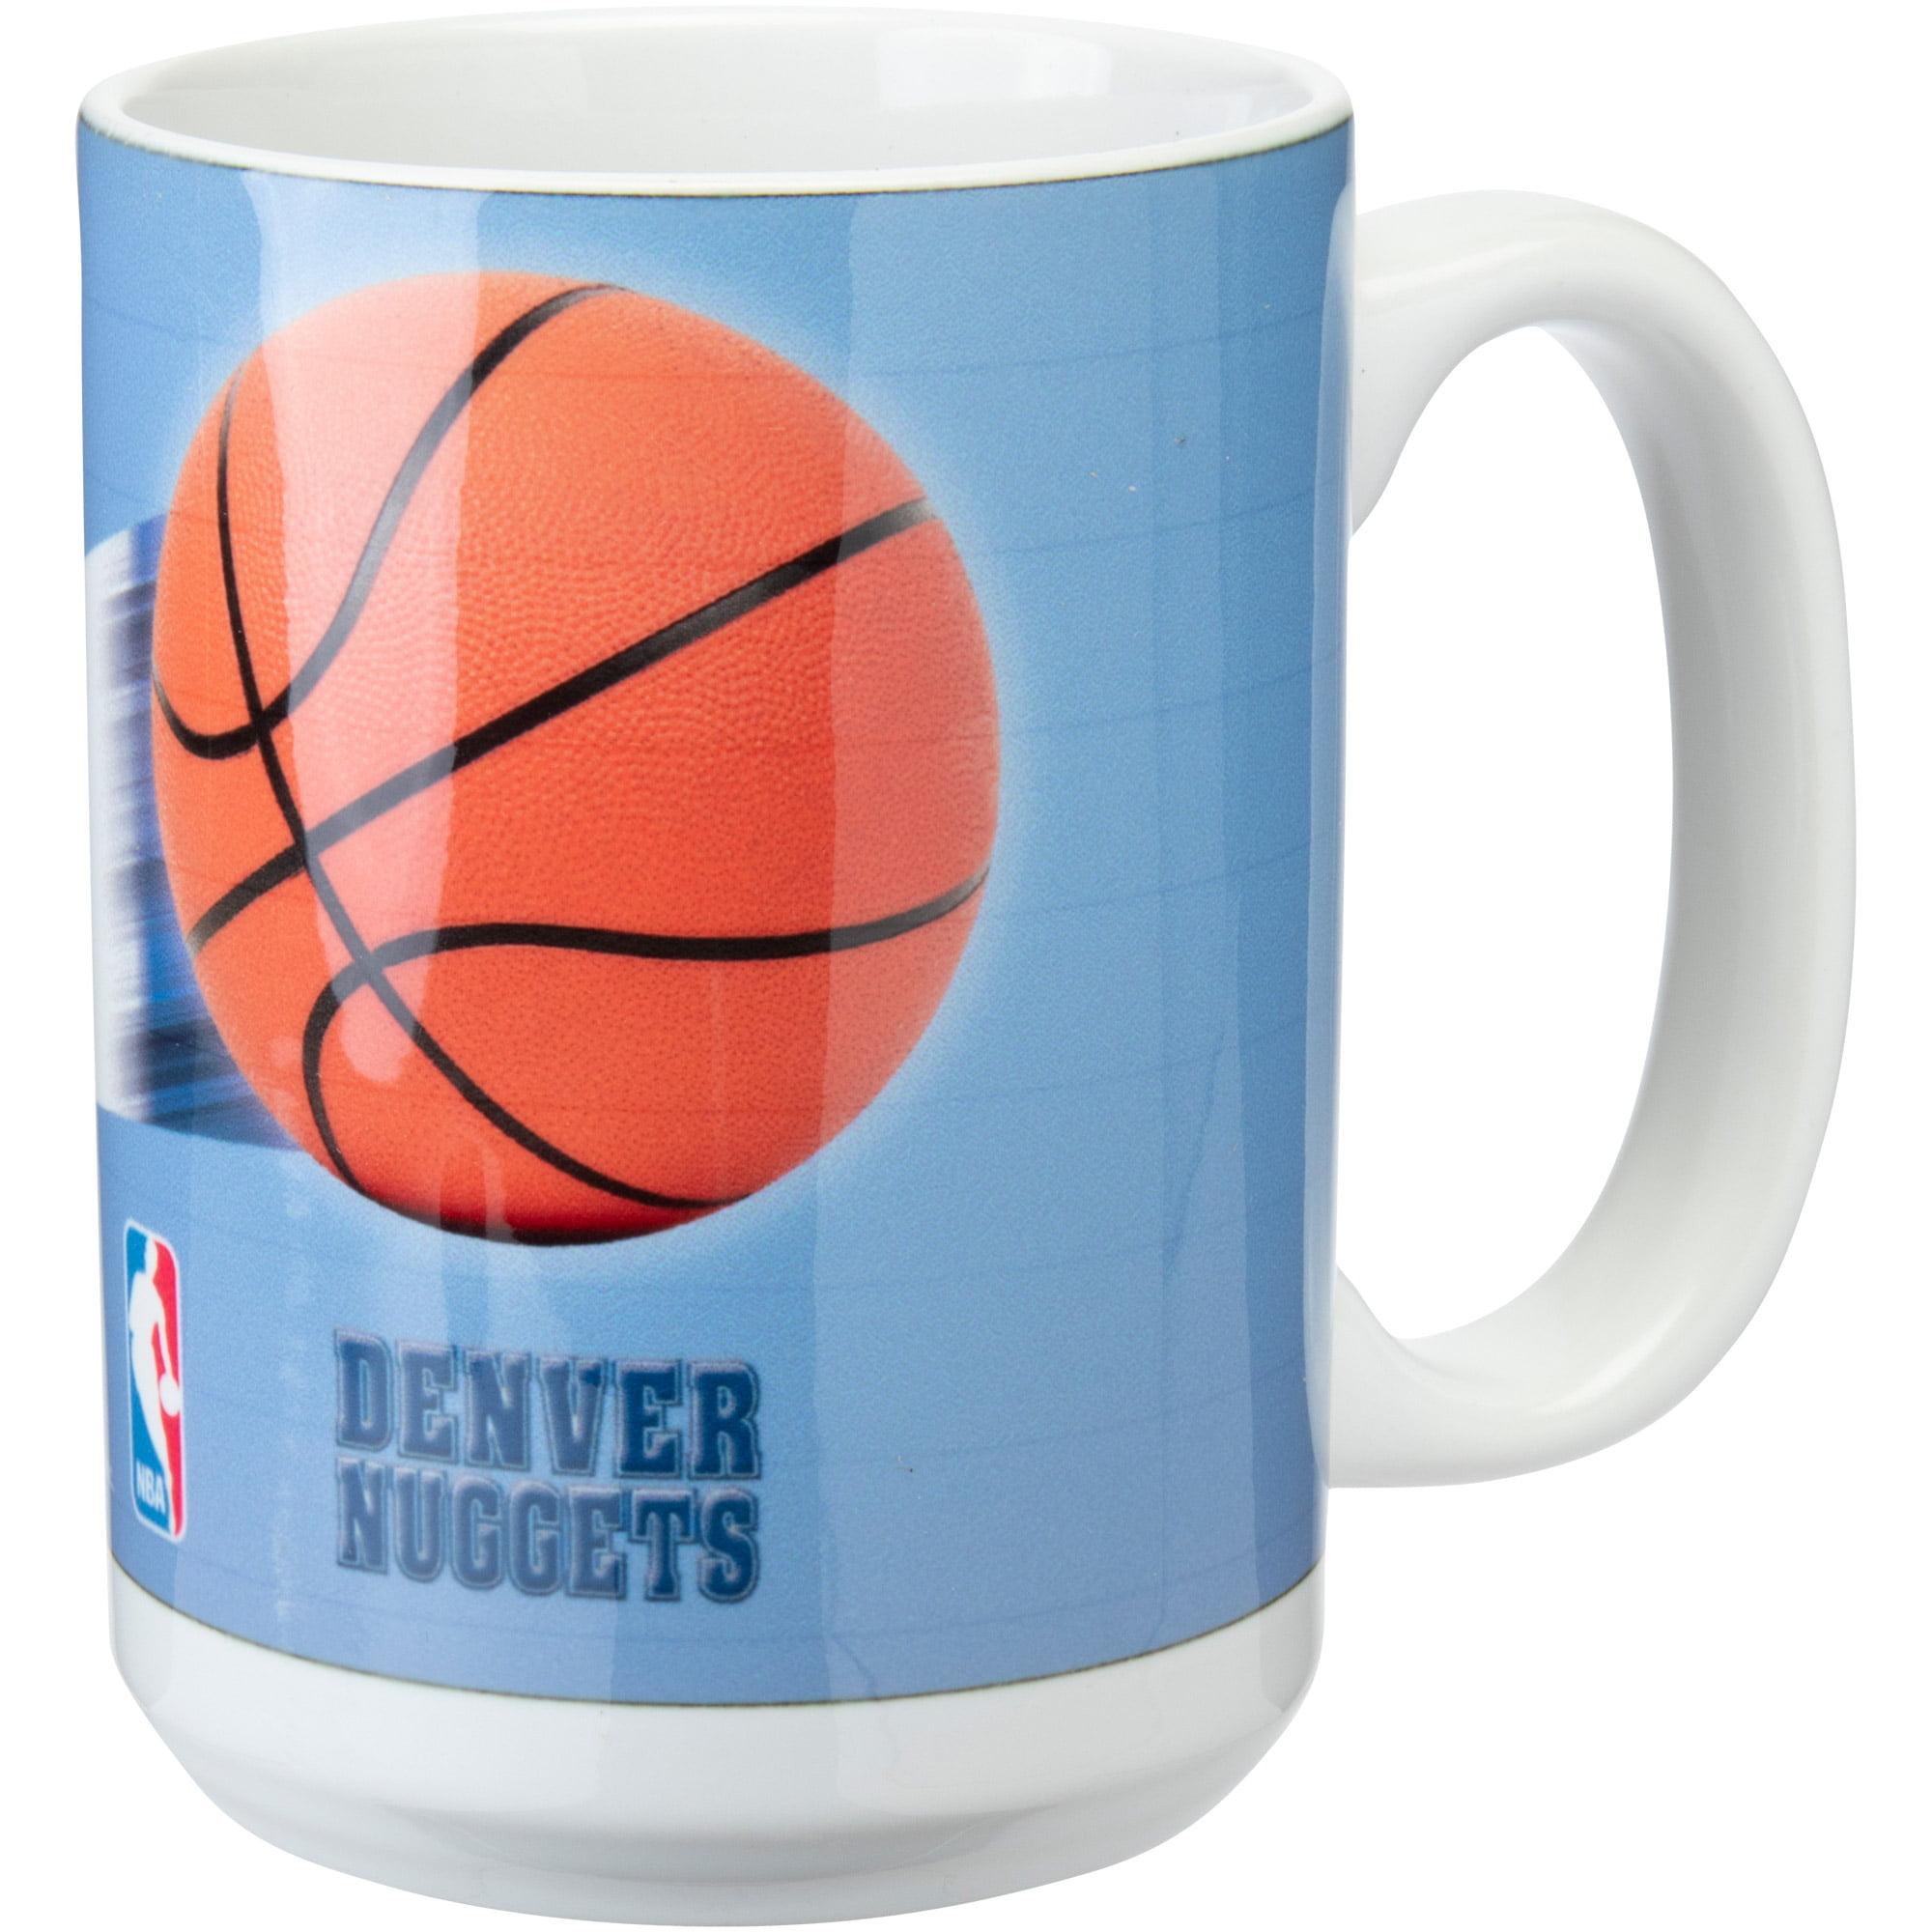 Denver Nuggets 15oz. Team 3D Graphic Mug - No Size